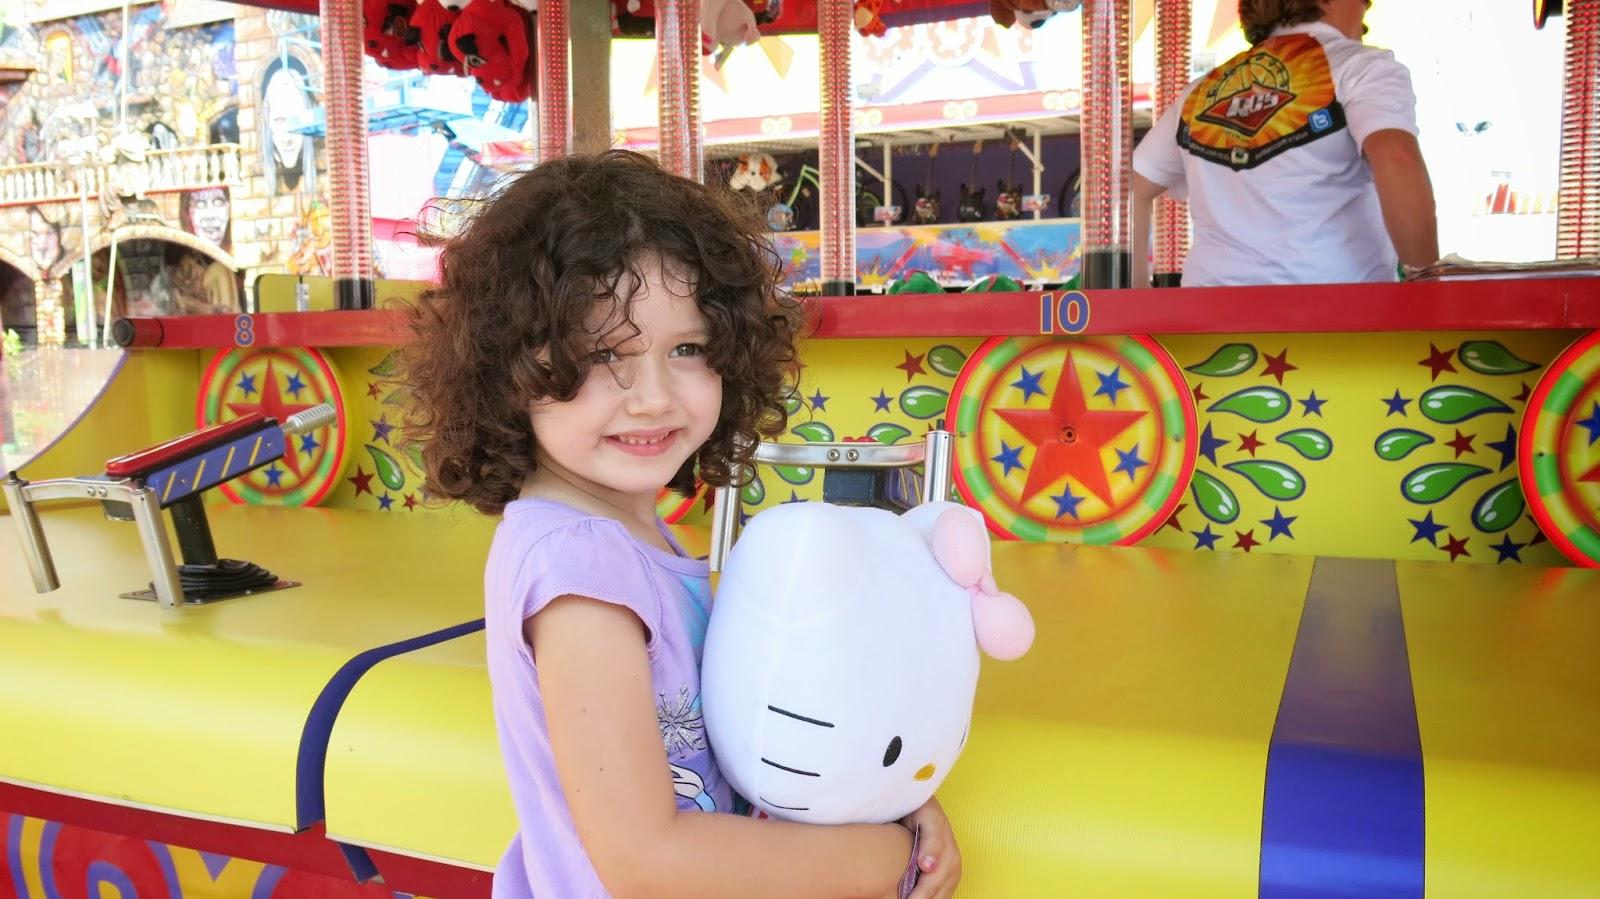 OC Fair, Costa Mesa, kids, Hello Kitty